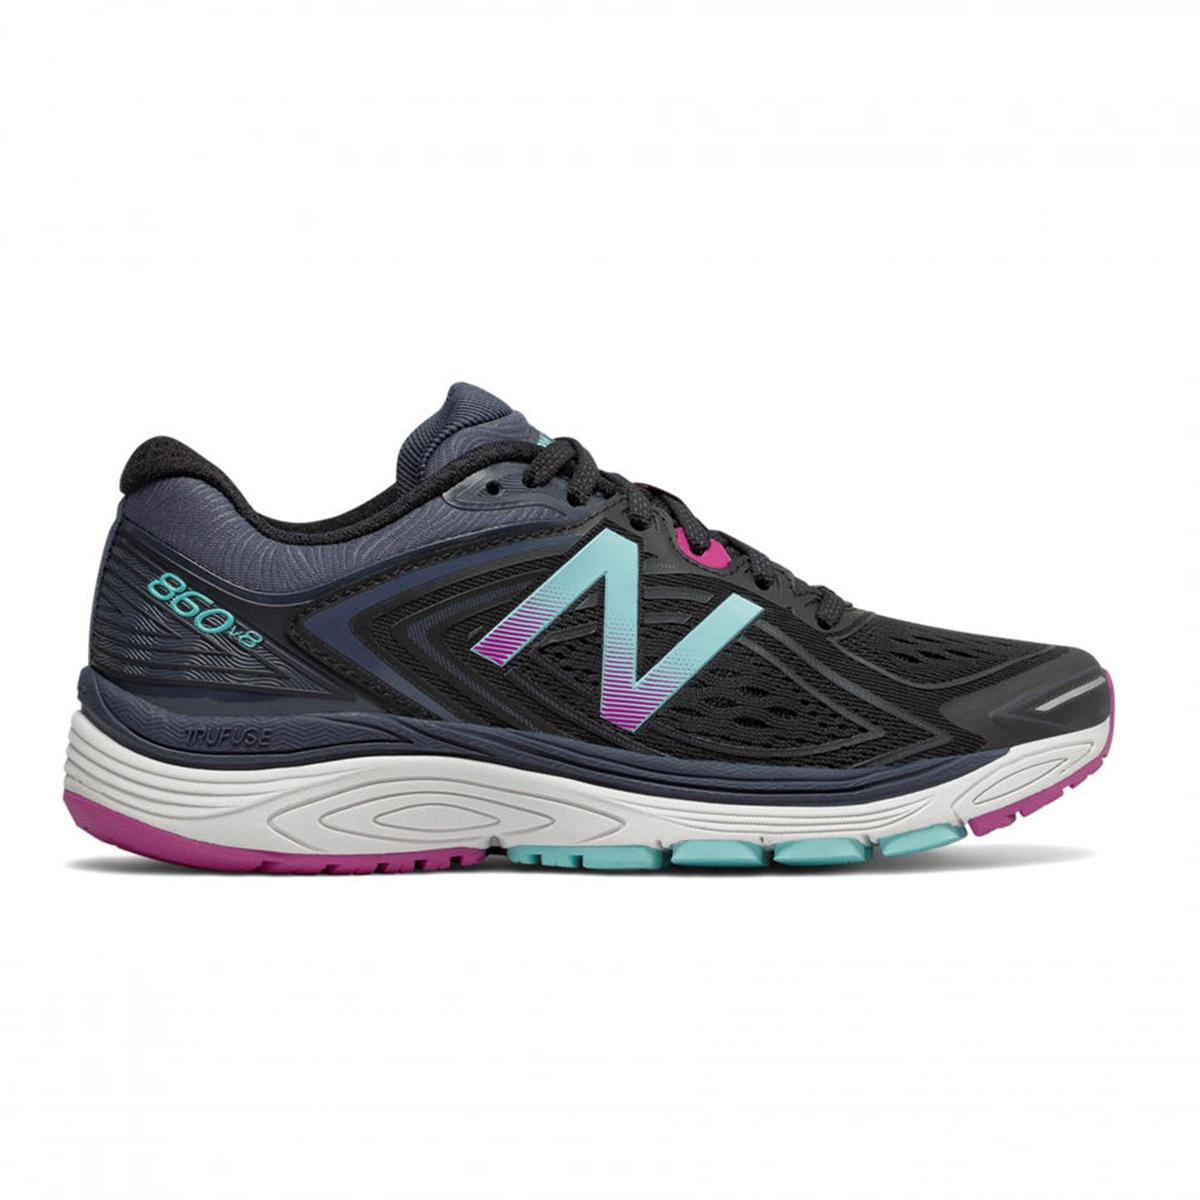 miglior prezzo scarpe new balance